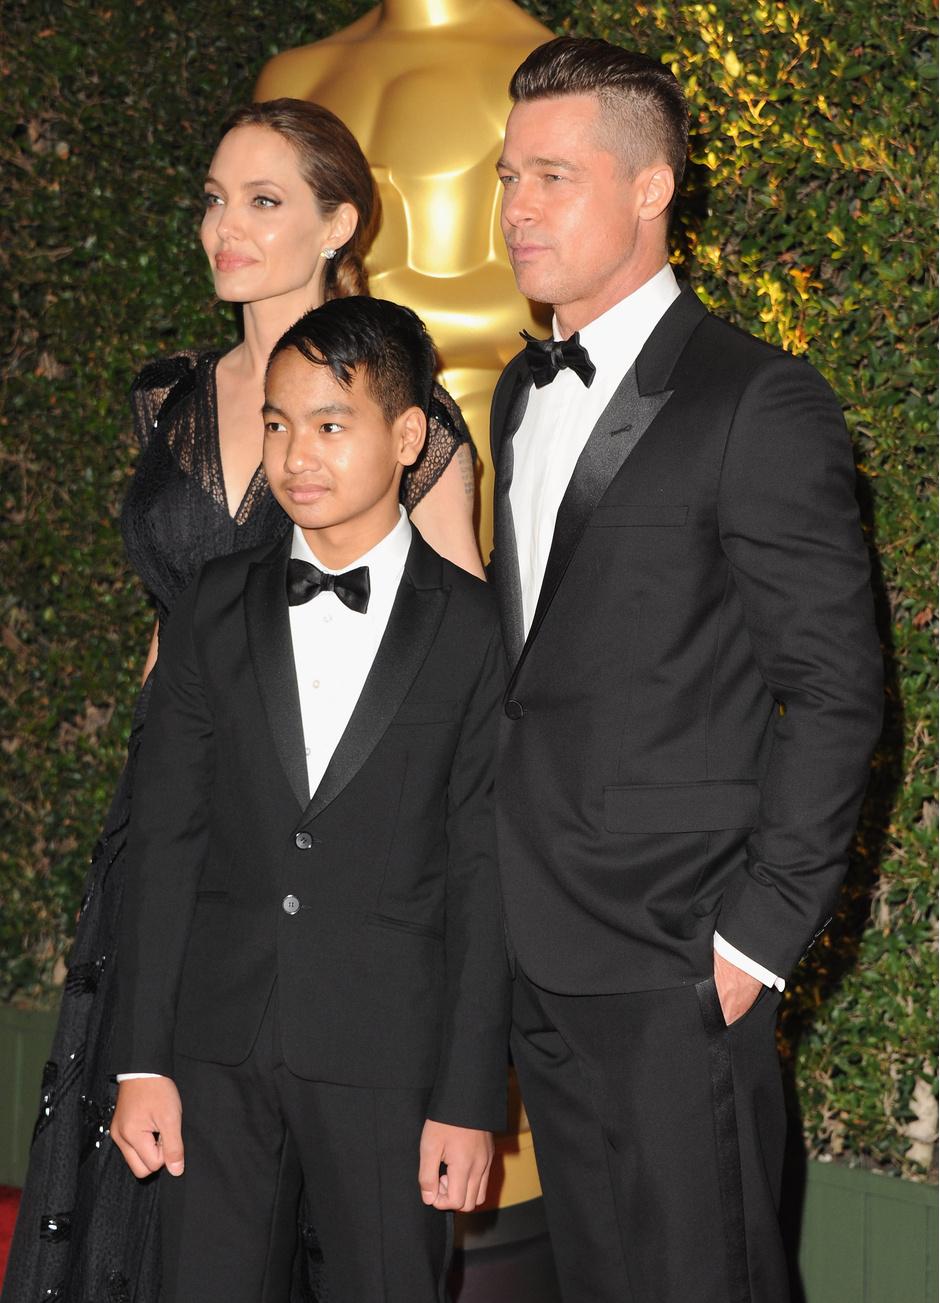 Анджелина Джоли и Брэд Питт с сыном Мэддоксом